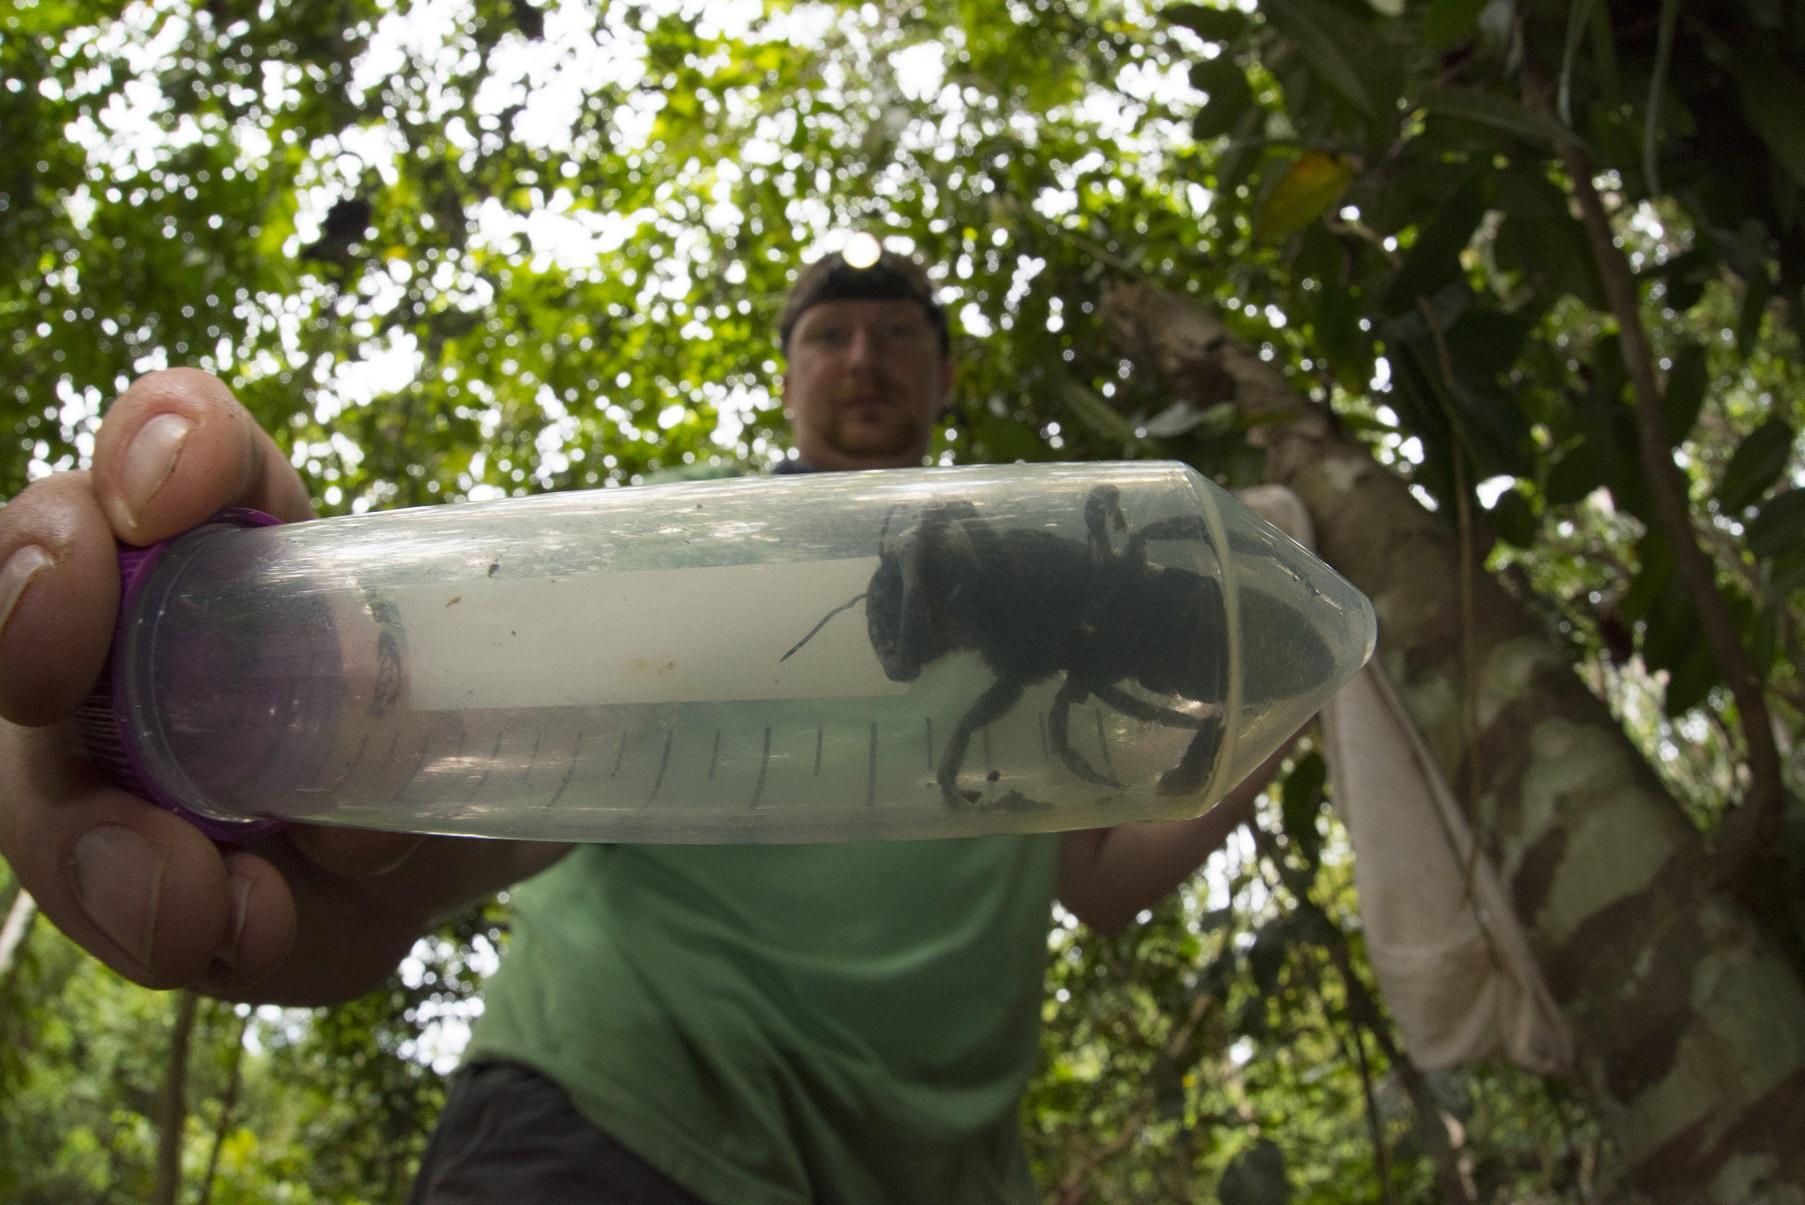 Энтомолог Эли Вайман (Eli Wyman) держит особь вновь открытой гигантской пчелы Уоллеса.